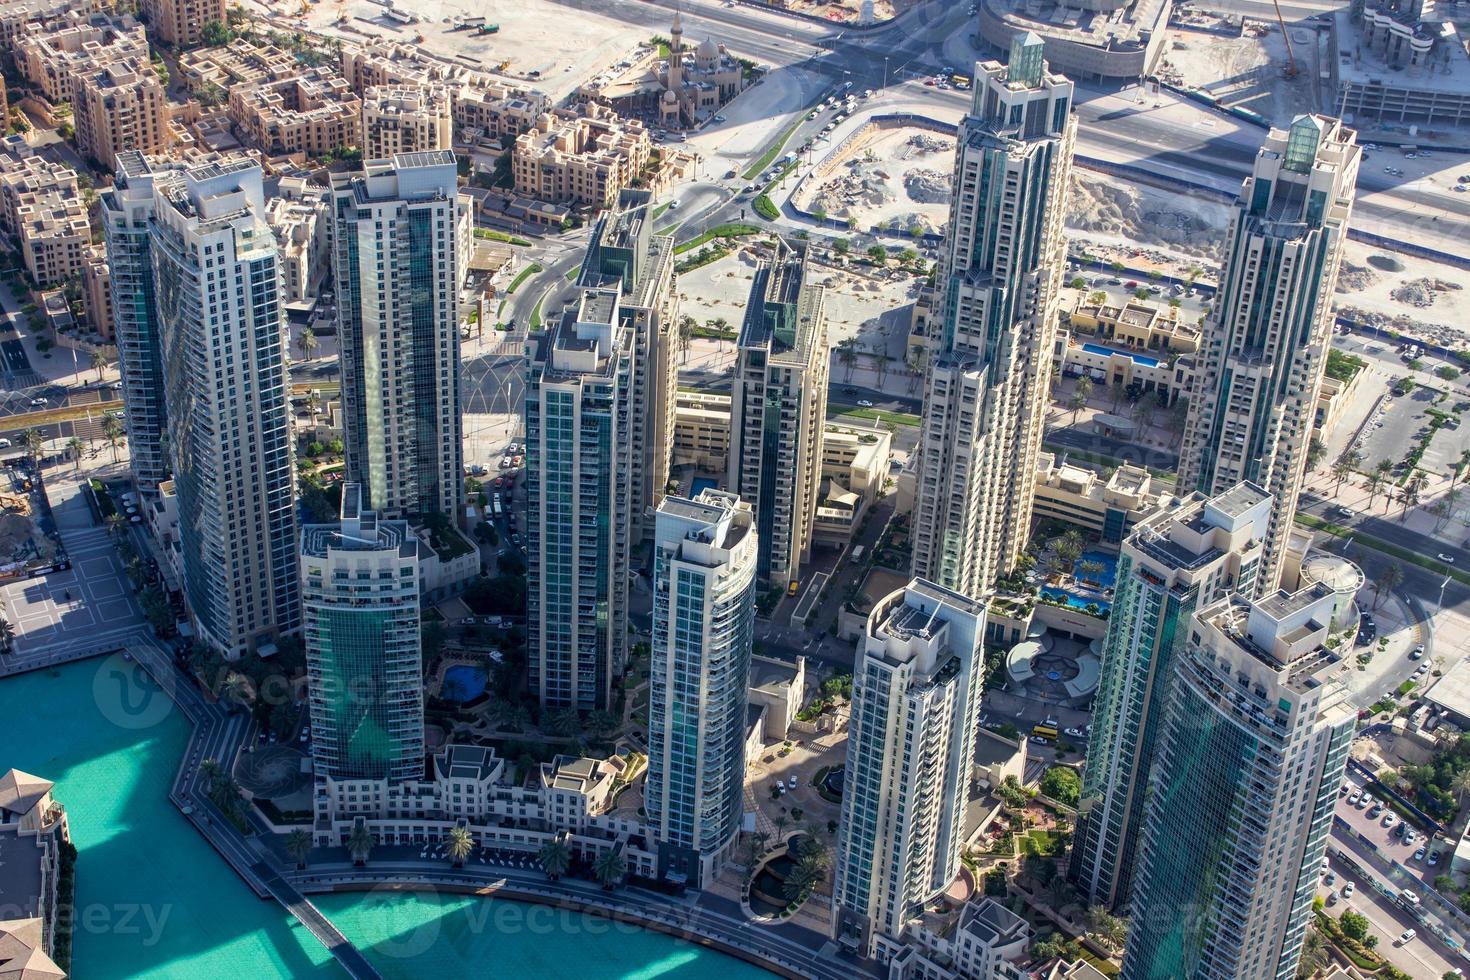 arranha-céus perto da torre burj khalifa foto